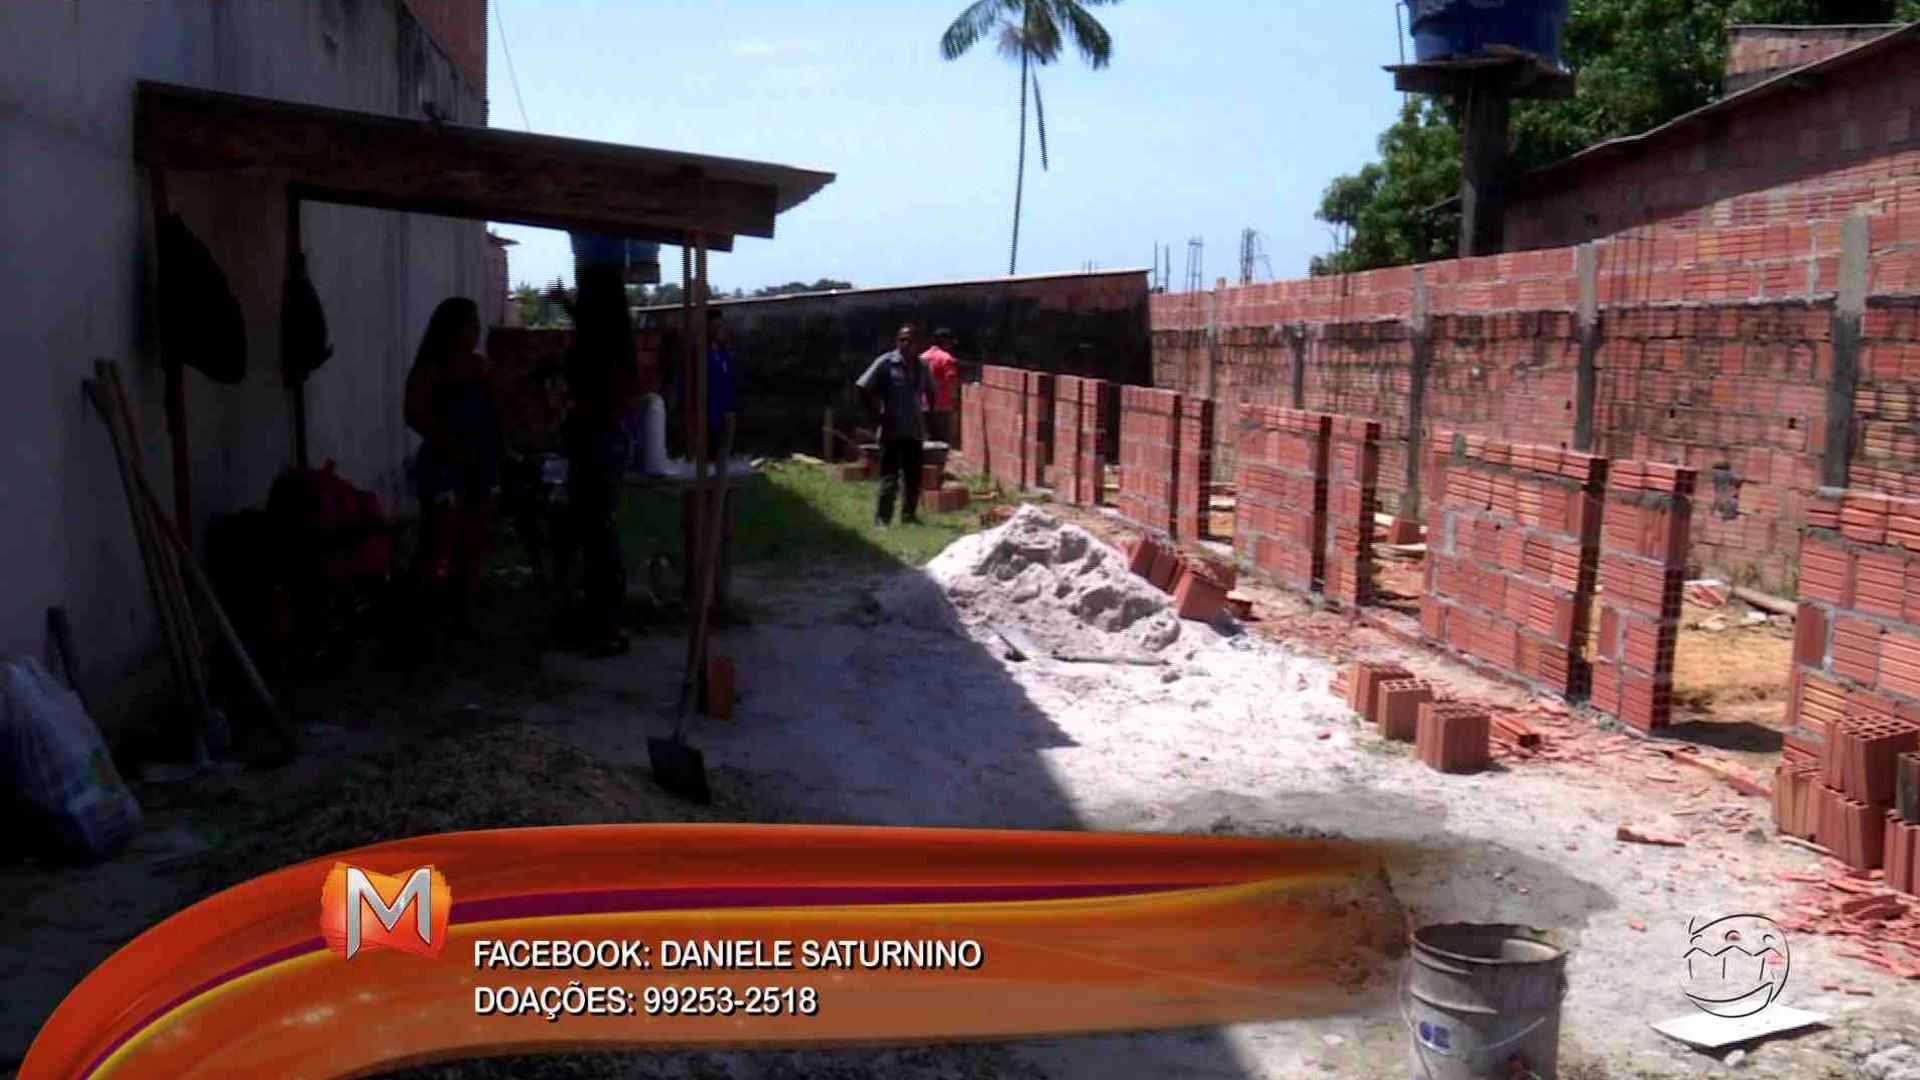 ESTUDANTE FAZ CAMPANHA PARA CONSTRUIR ABRIGO PARA CÃES E GATOS ABANDONADOS - Magazine 16/11/17